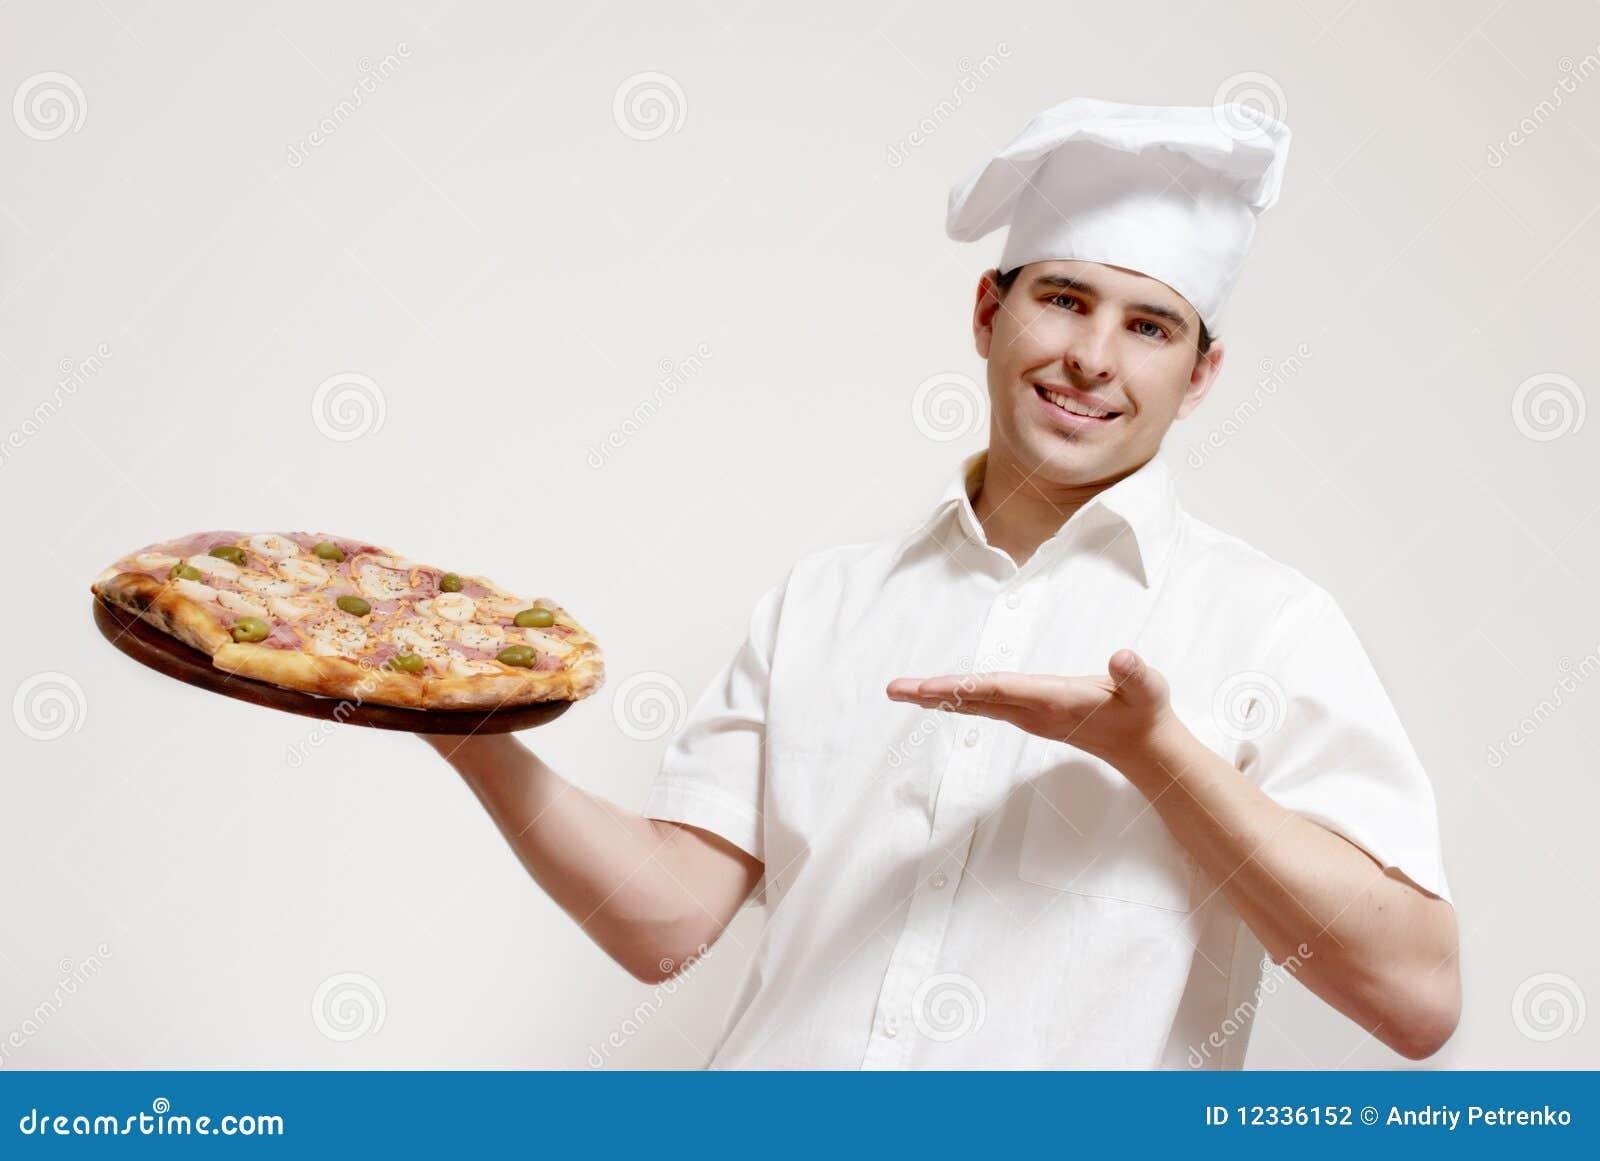 Cozinheiro atrativo feliz com uma pizza nas mãos